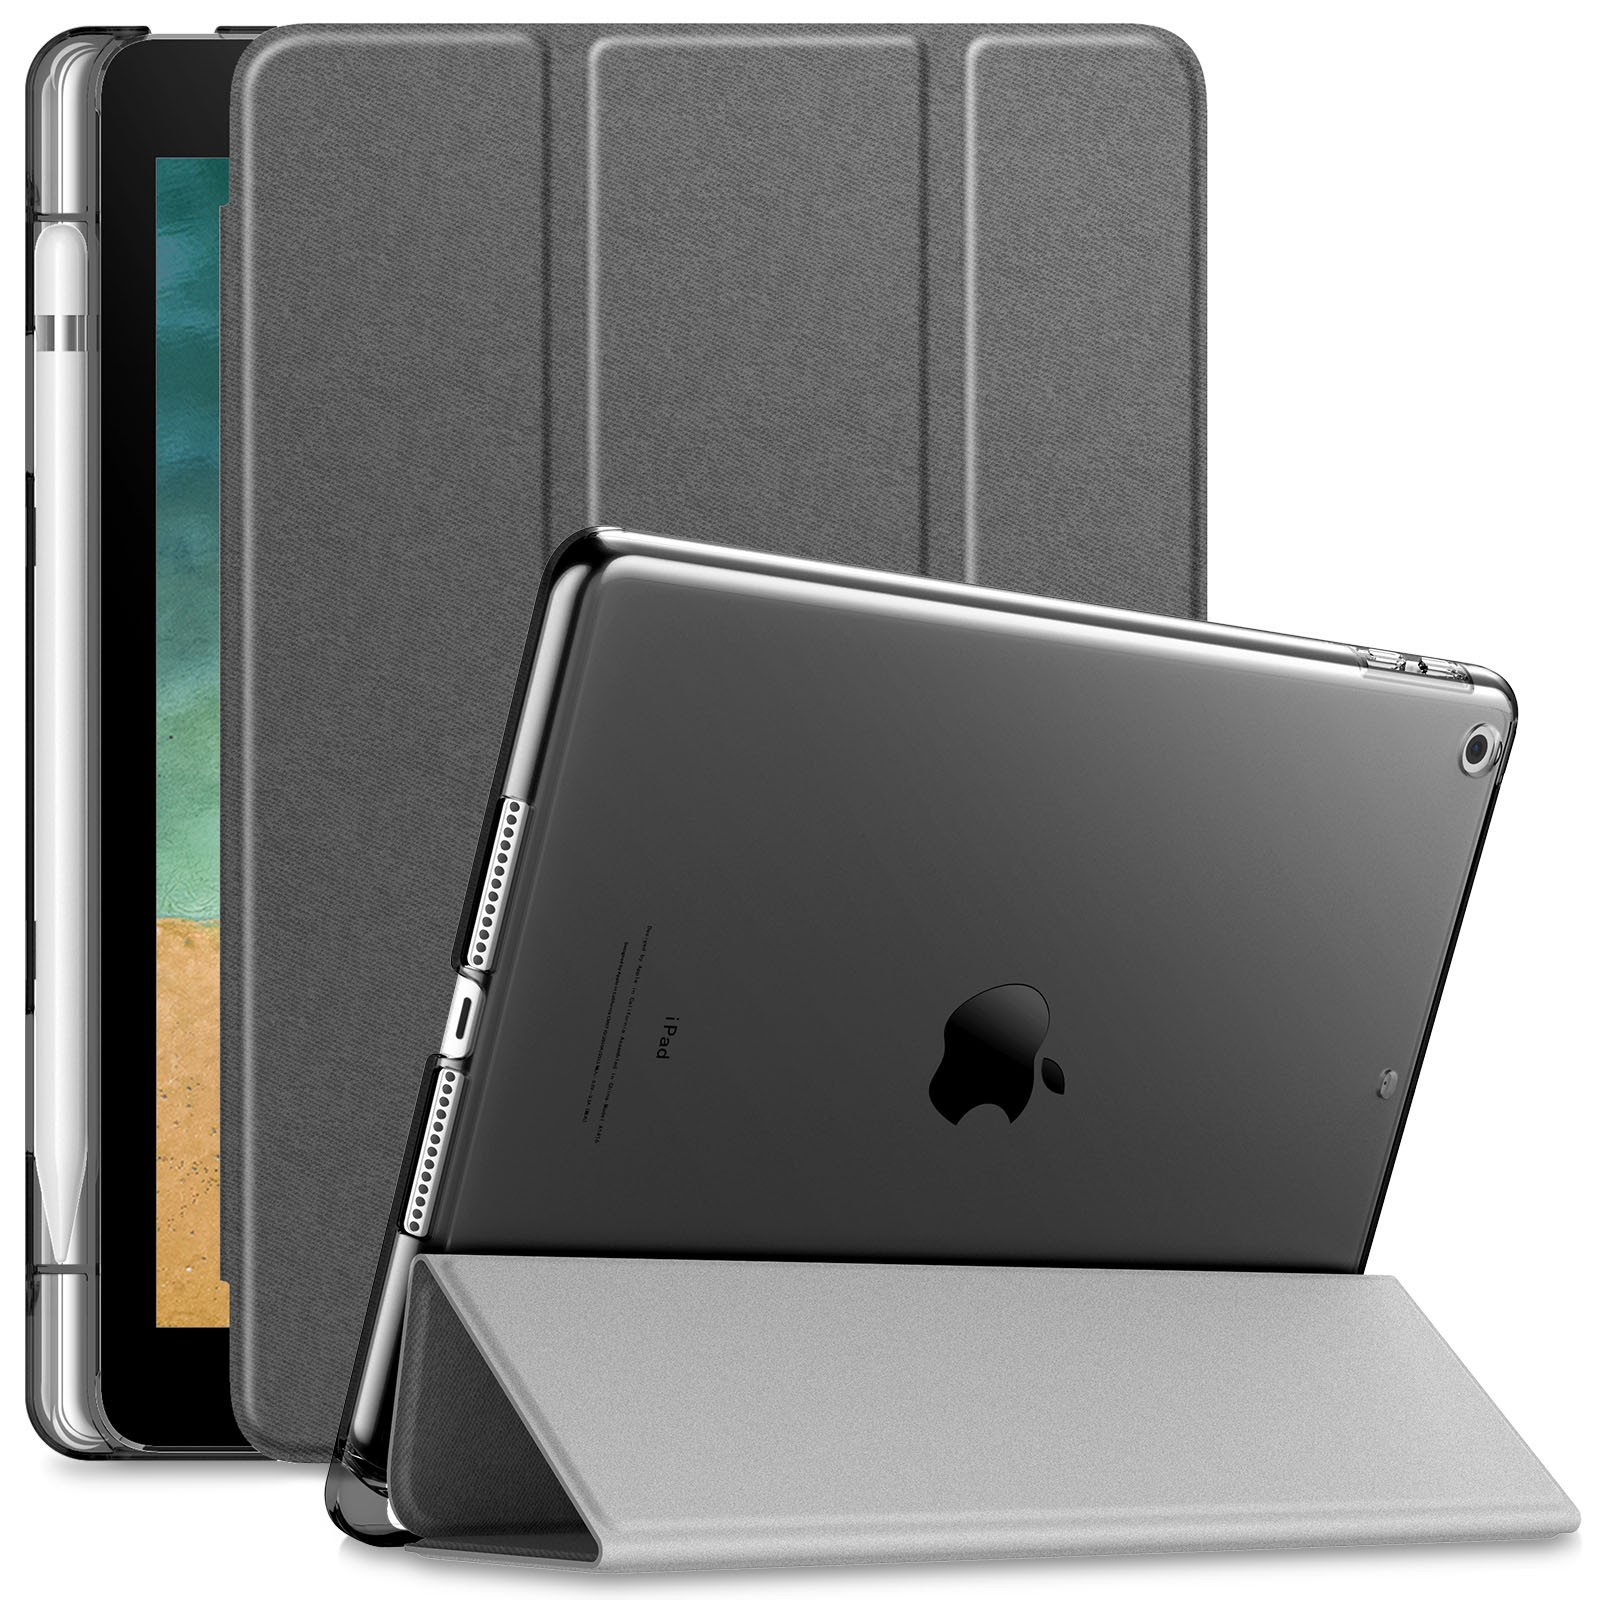 Capa Transparente Series iPad Air 9.7 pol 2013 com Suporte Para Caneta A1474 A1476